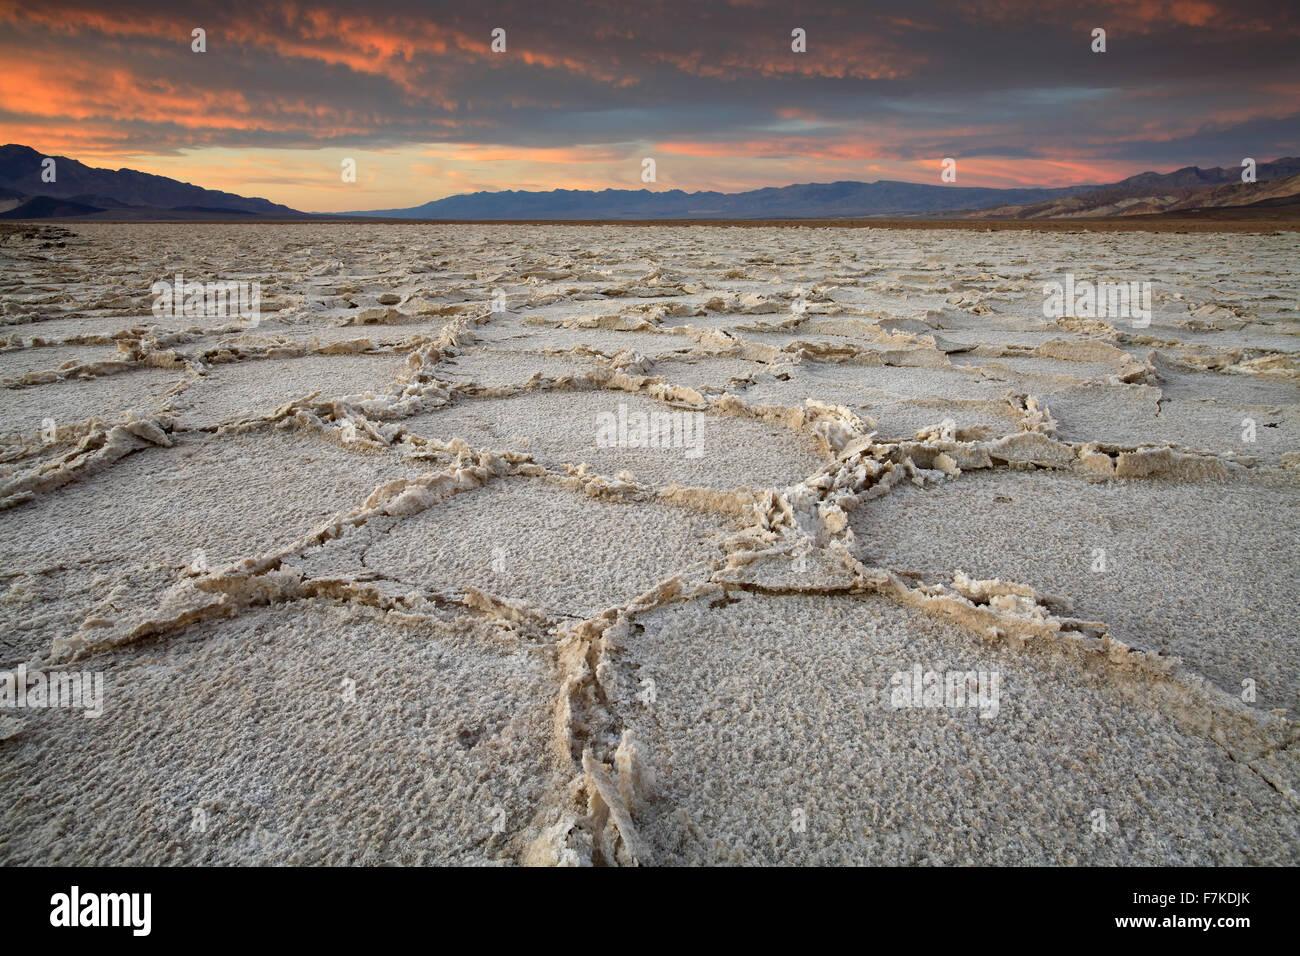 Agrietado salinas al atardecer, Badwater Basin, el Parque Nacional Valle de la Muerte, California, EE.UU. Imagen De Stock